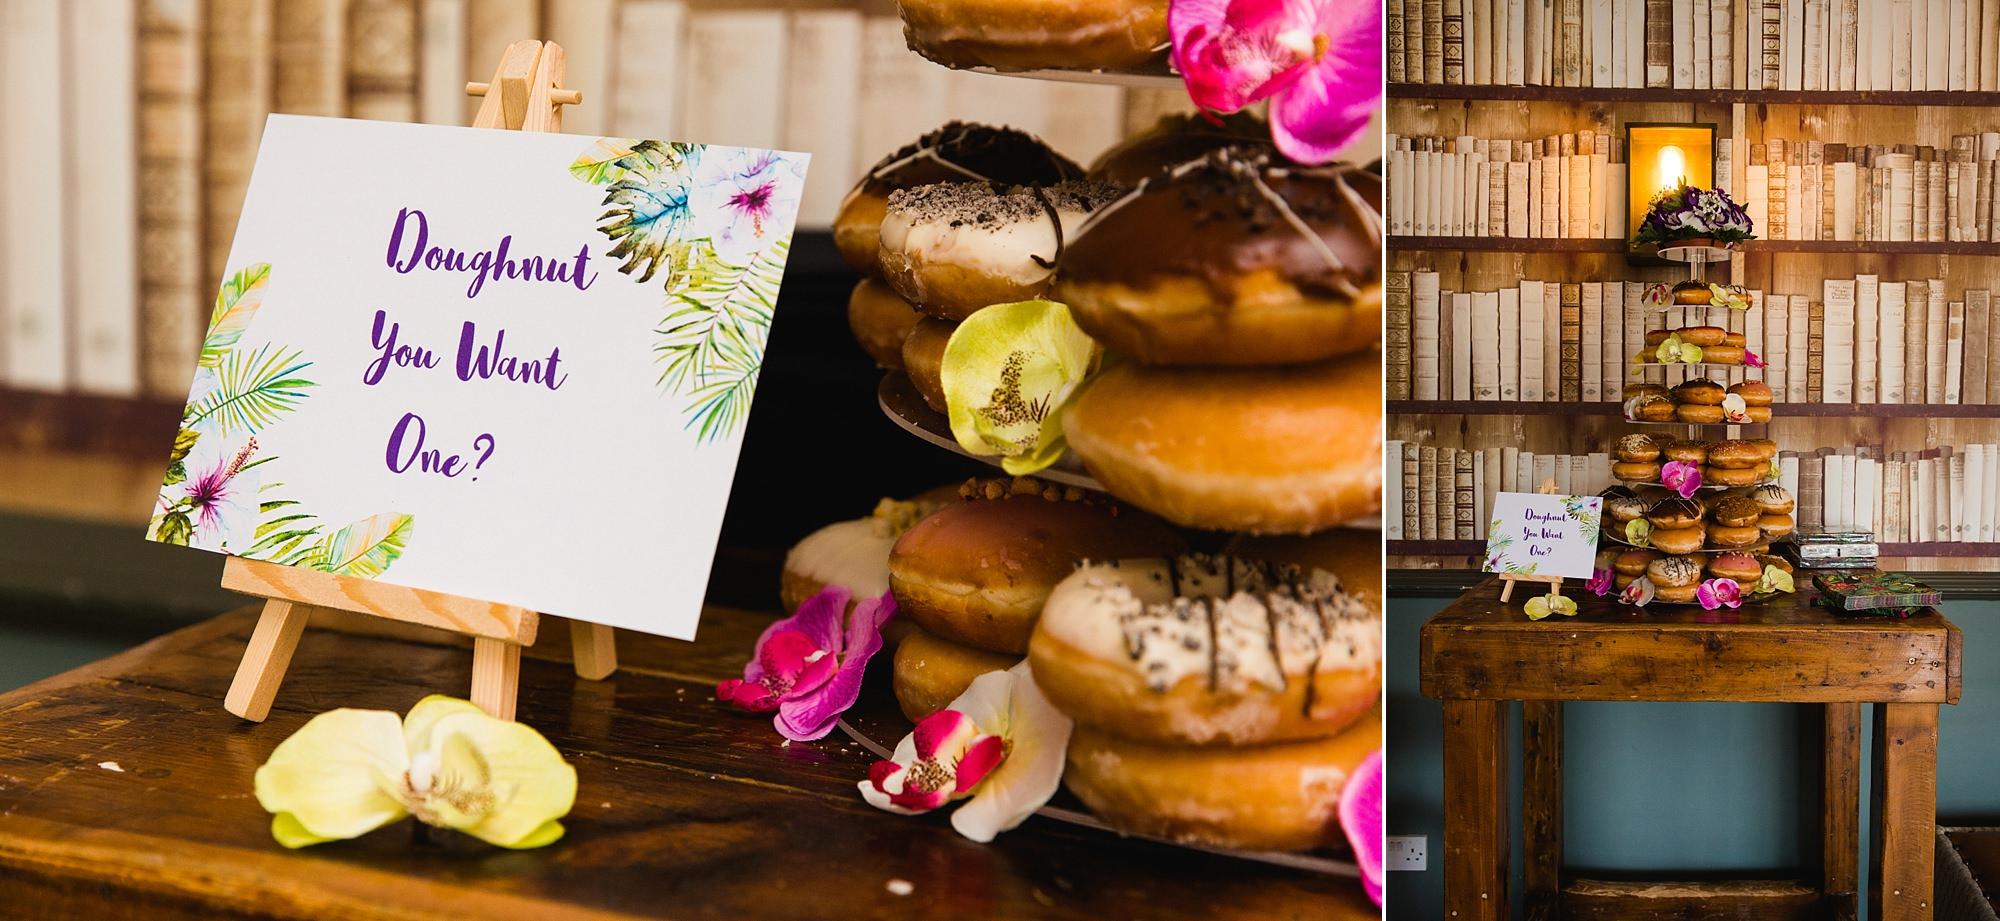 The Grange Ealing wedding doughnut wedding cake